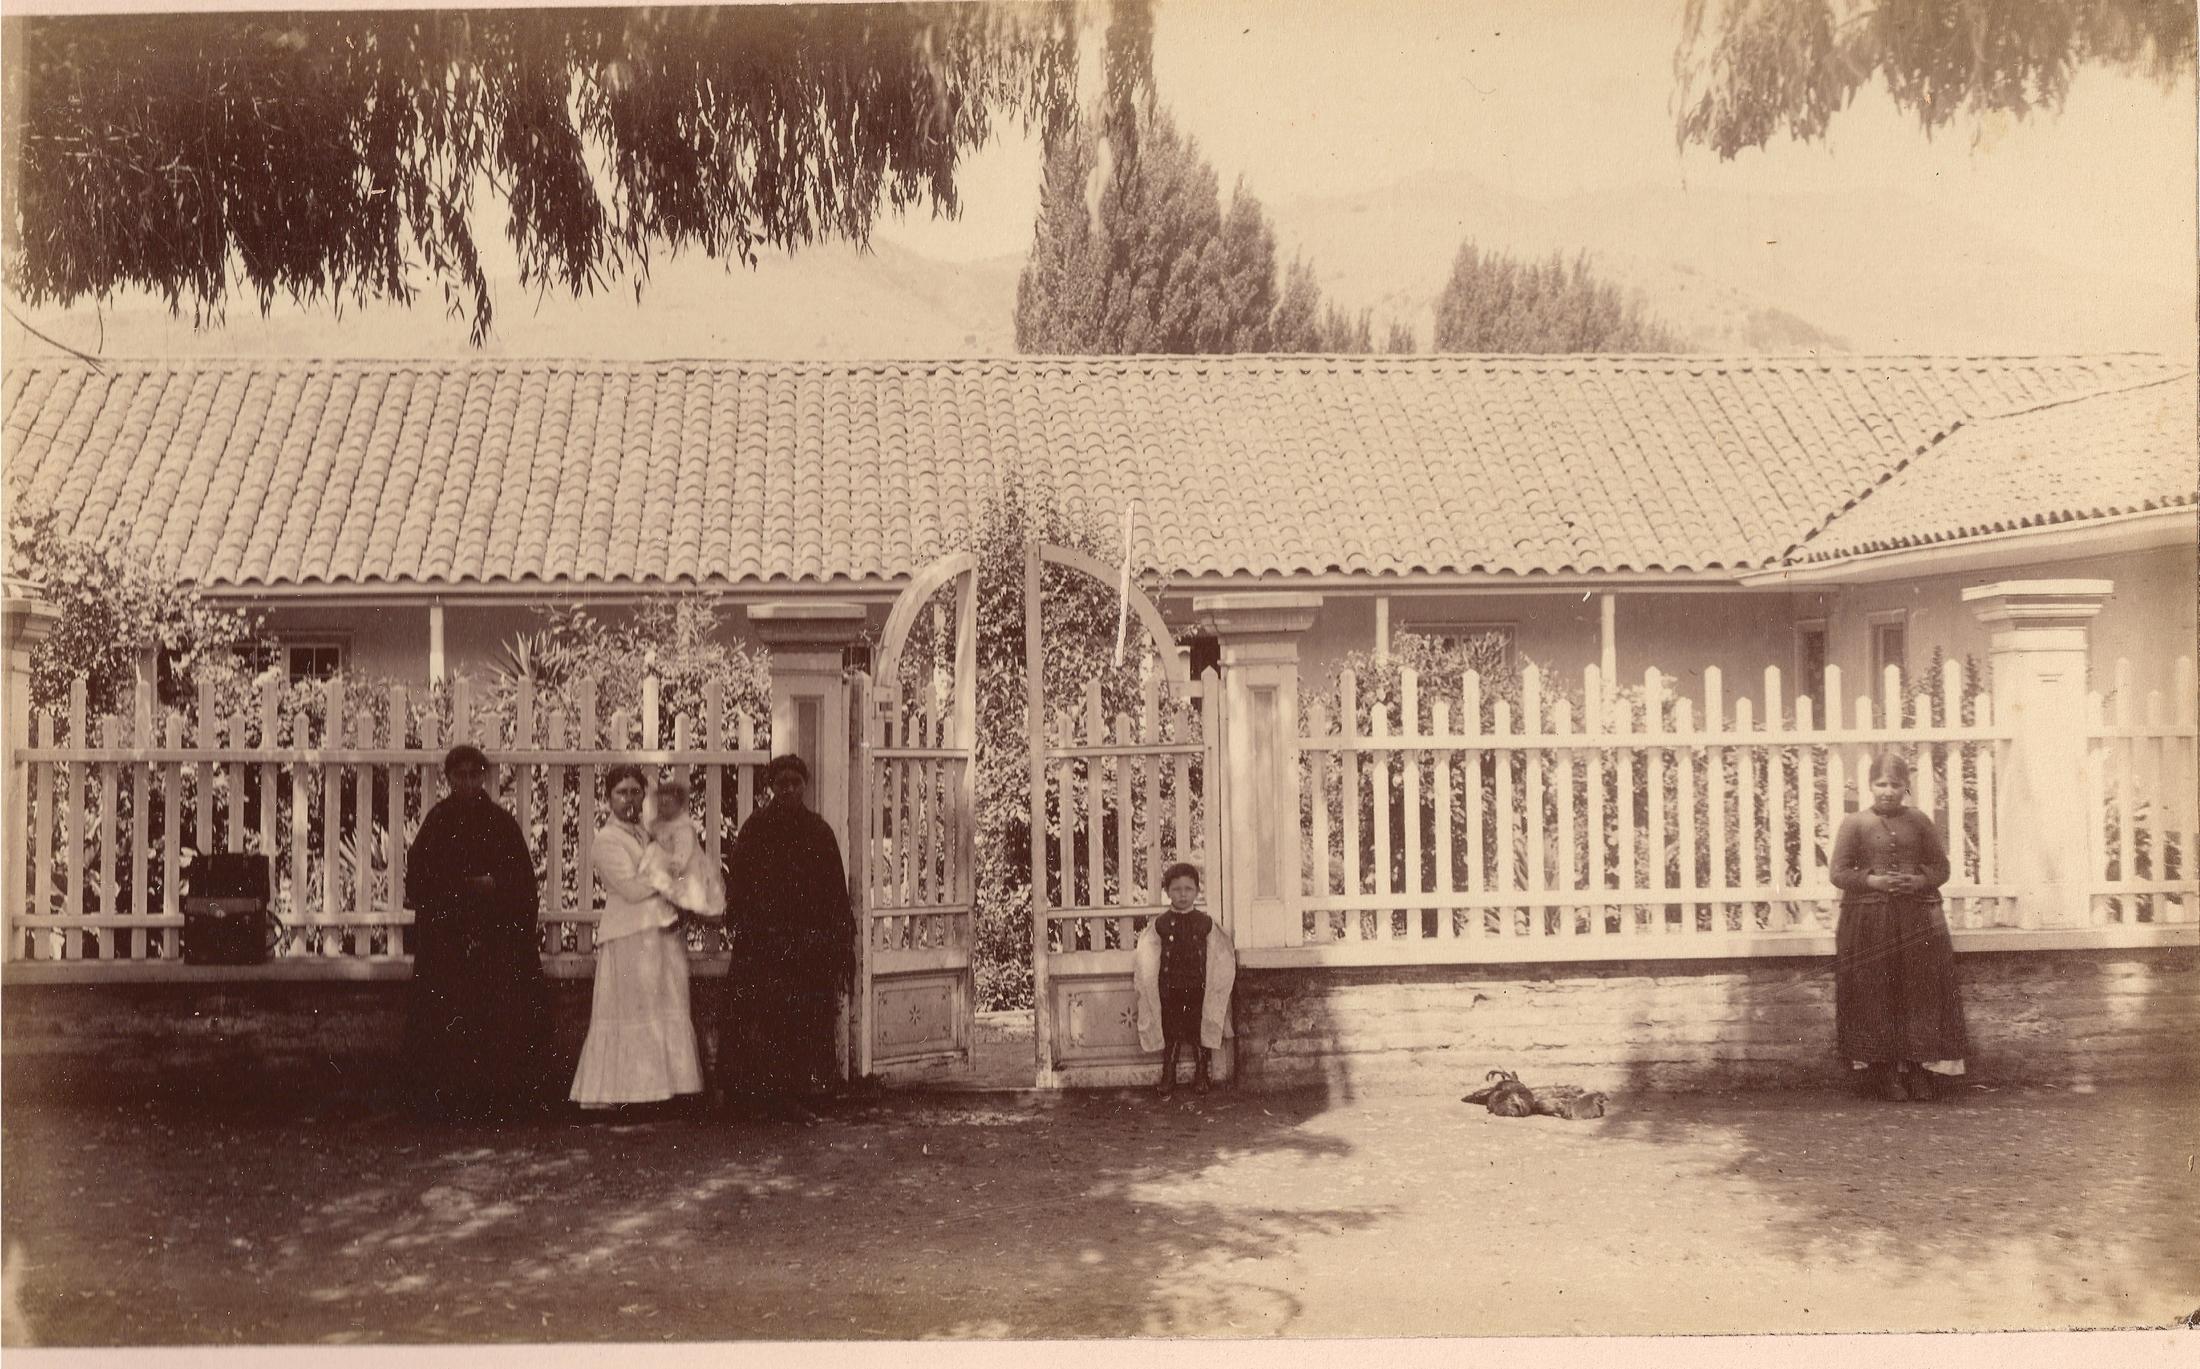 Enterreno - Fotos históricas de chile - fotos antiguas de Chile - Pencahue y Millahue Quinta Región, 1889